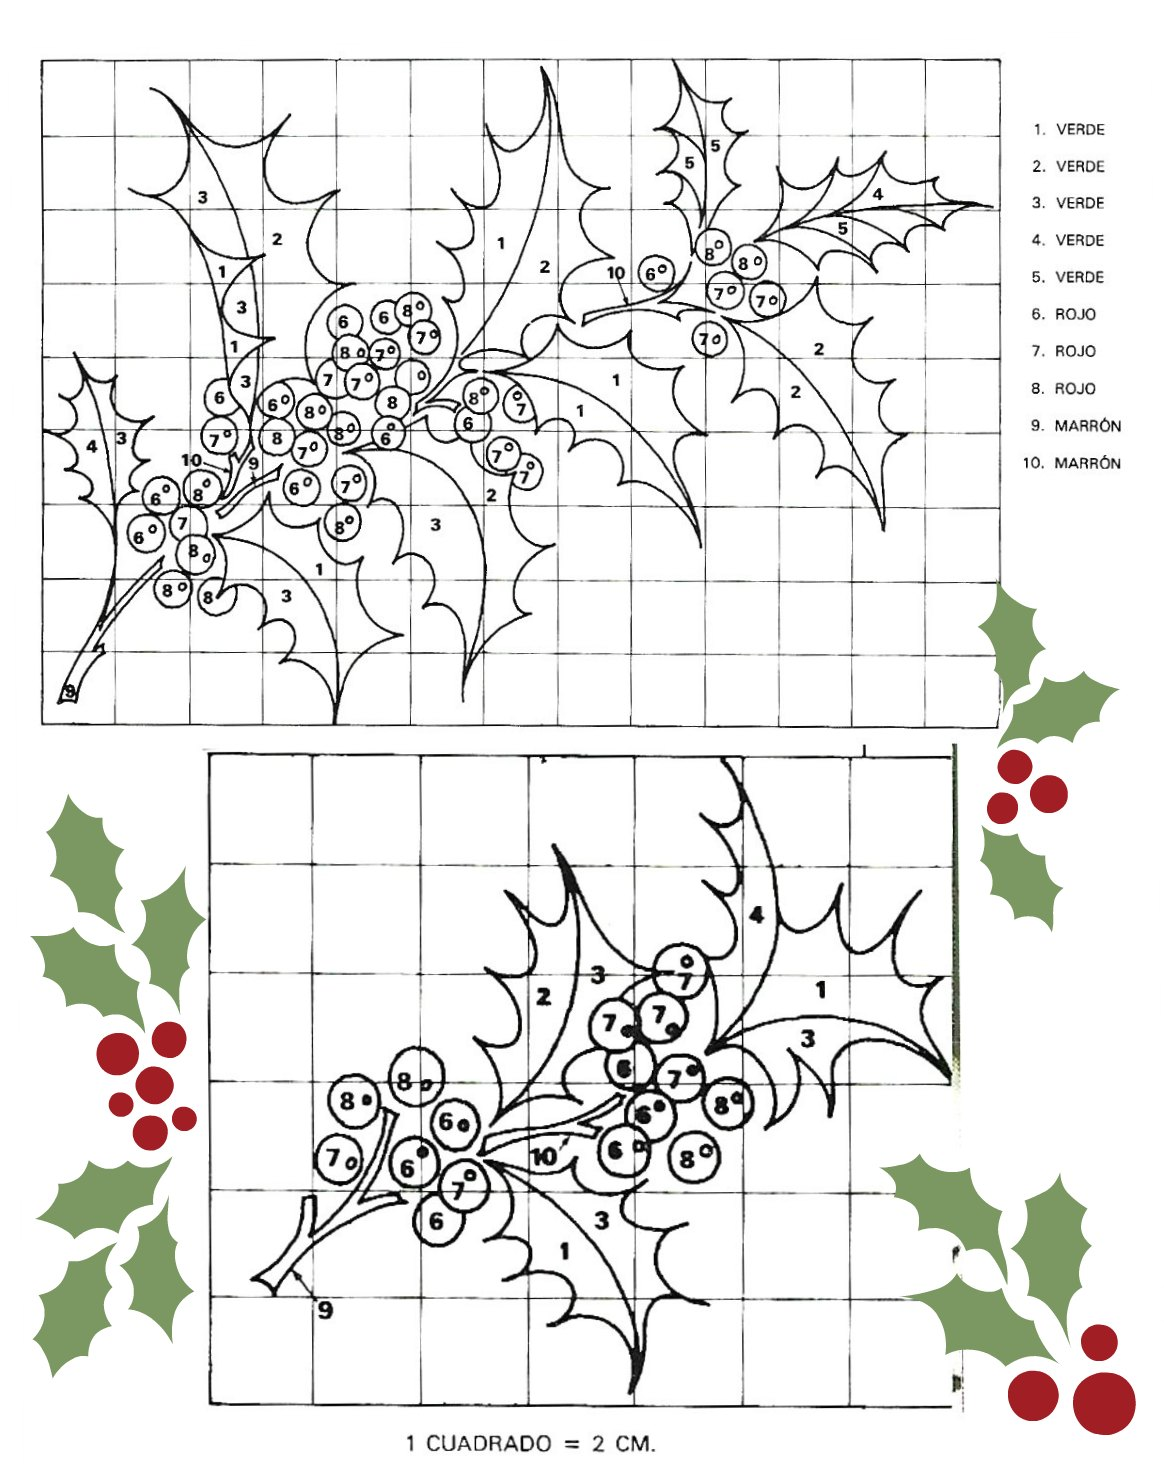 Mantel Bordado Para Navidad Que Atrae Suerte Y Fortuna - Manteles-para-bordar